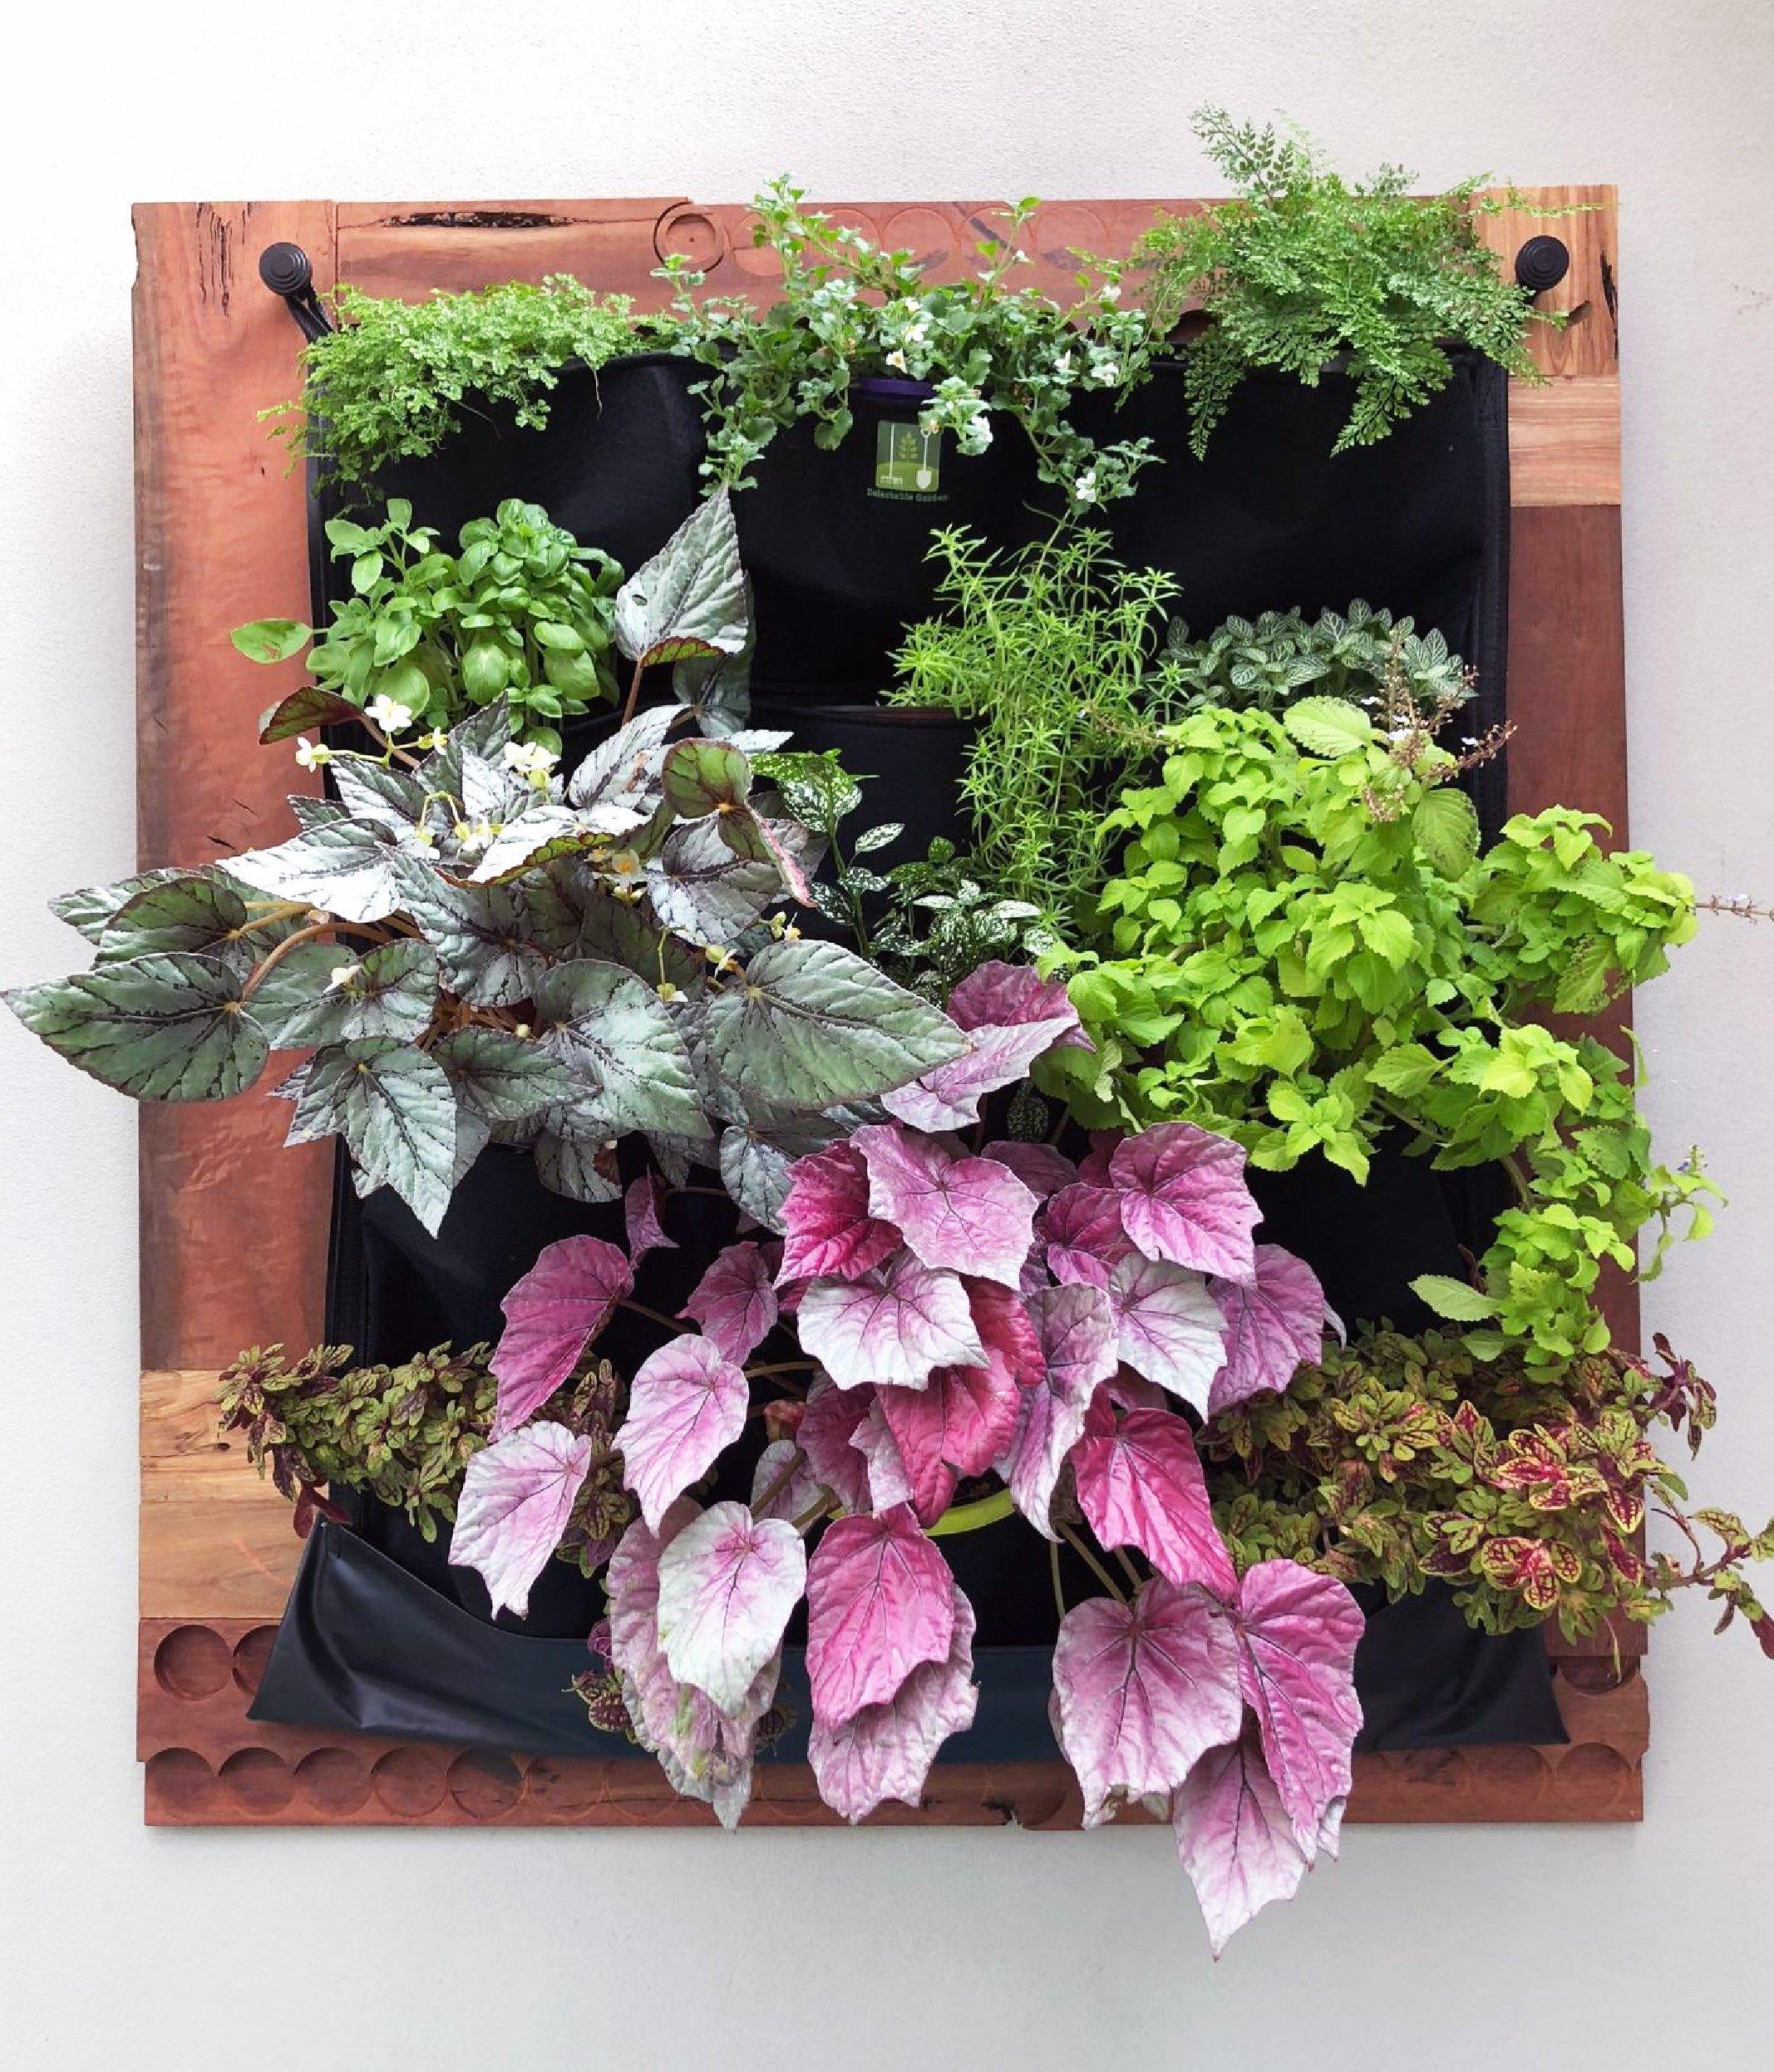 INDOOR Waterproof 12 Pocket Vertical Living Green Wall Planter by Delectable Garden